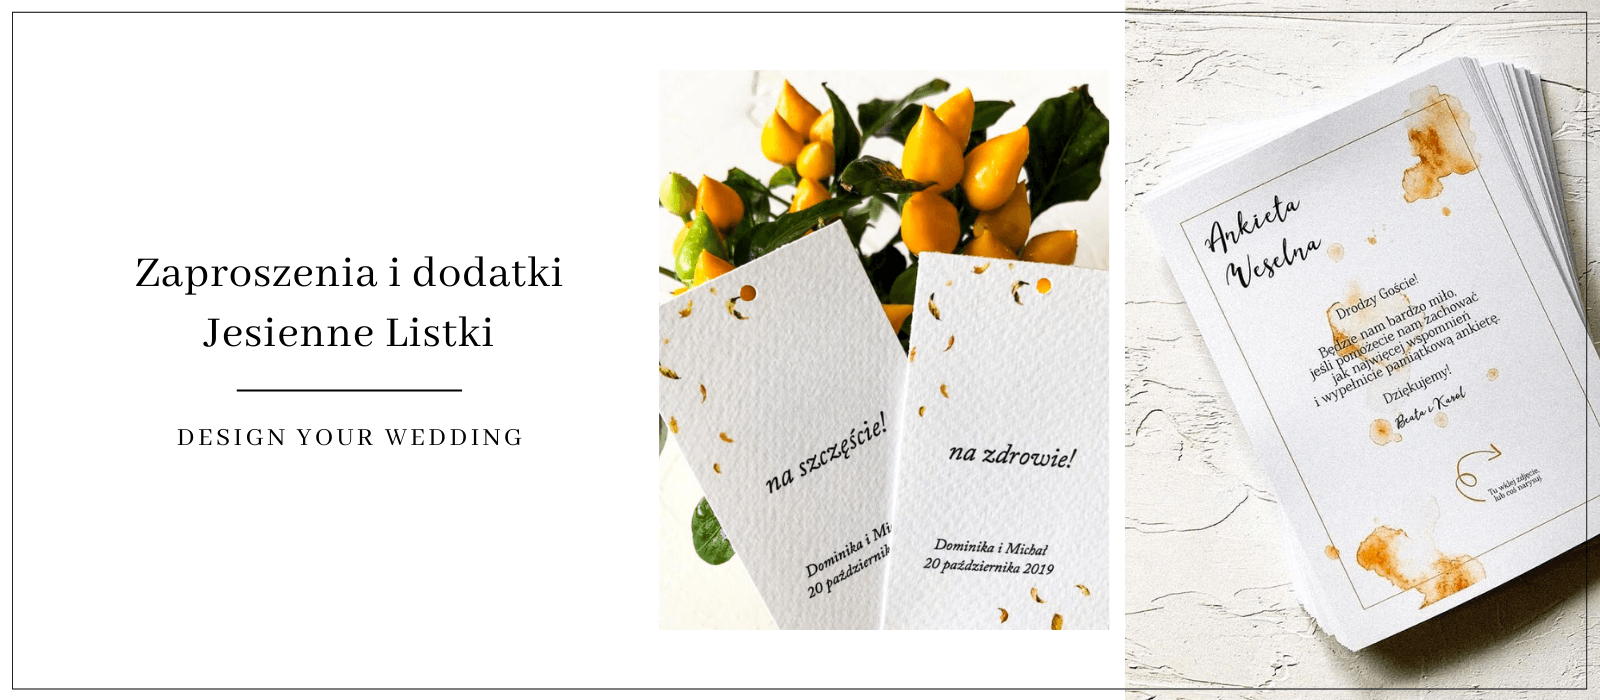 Zaproszenia na ślub jesienią / Design Your Wedding